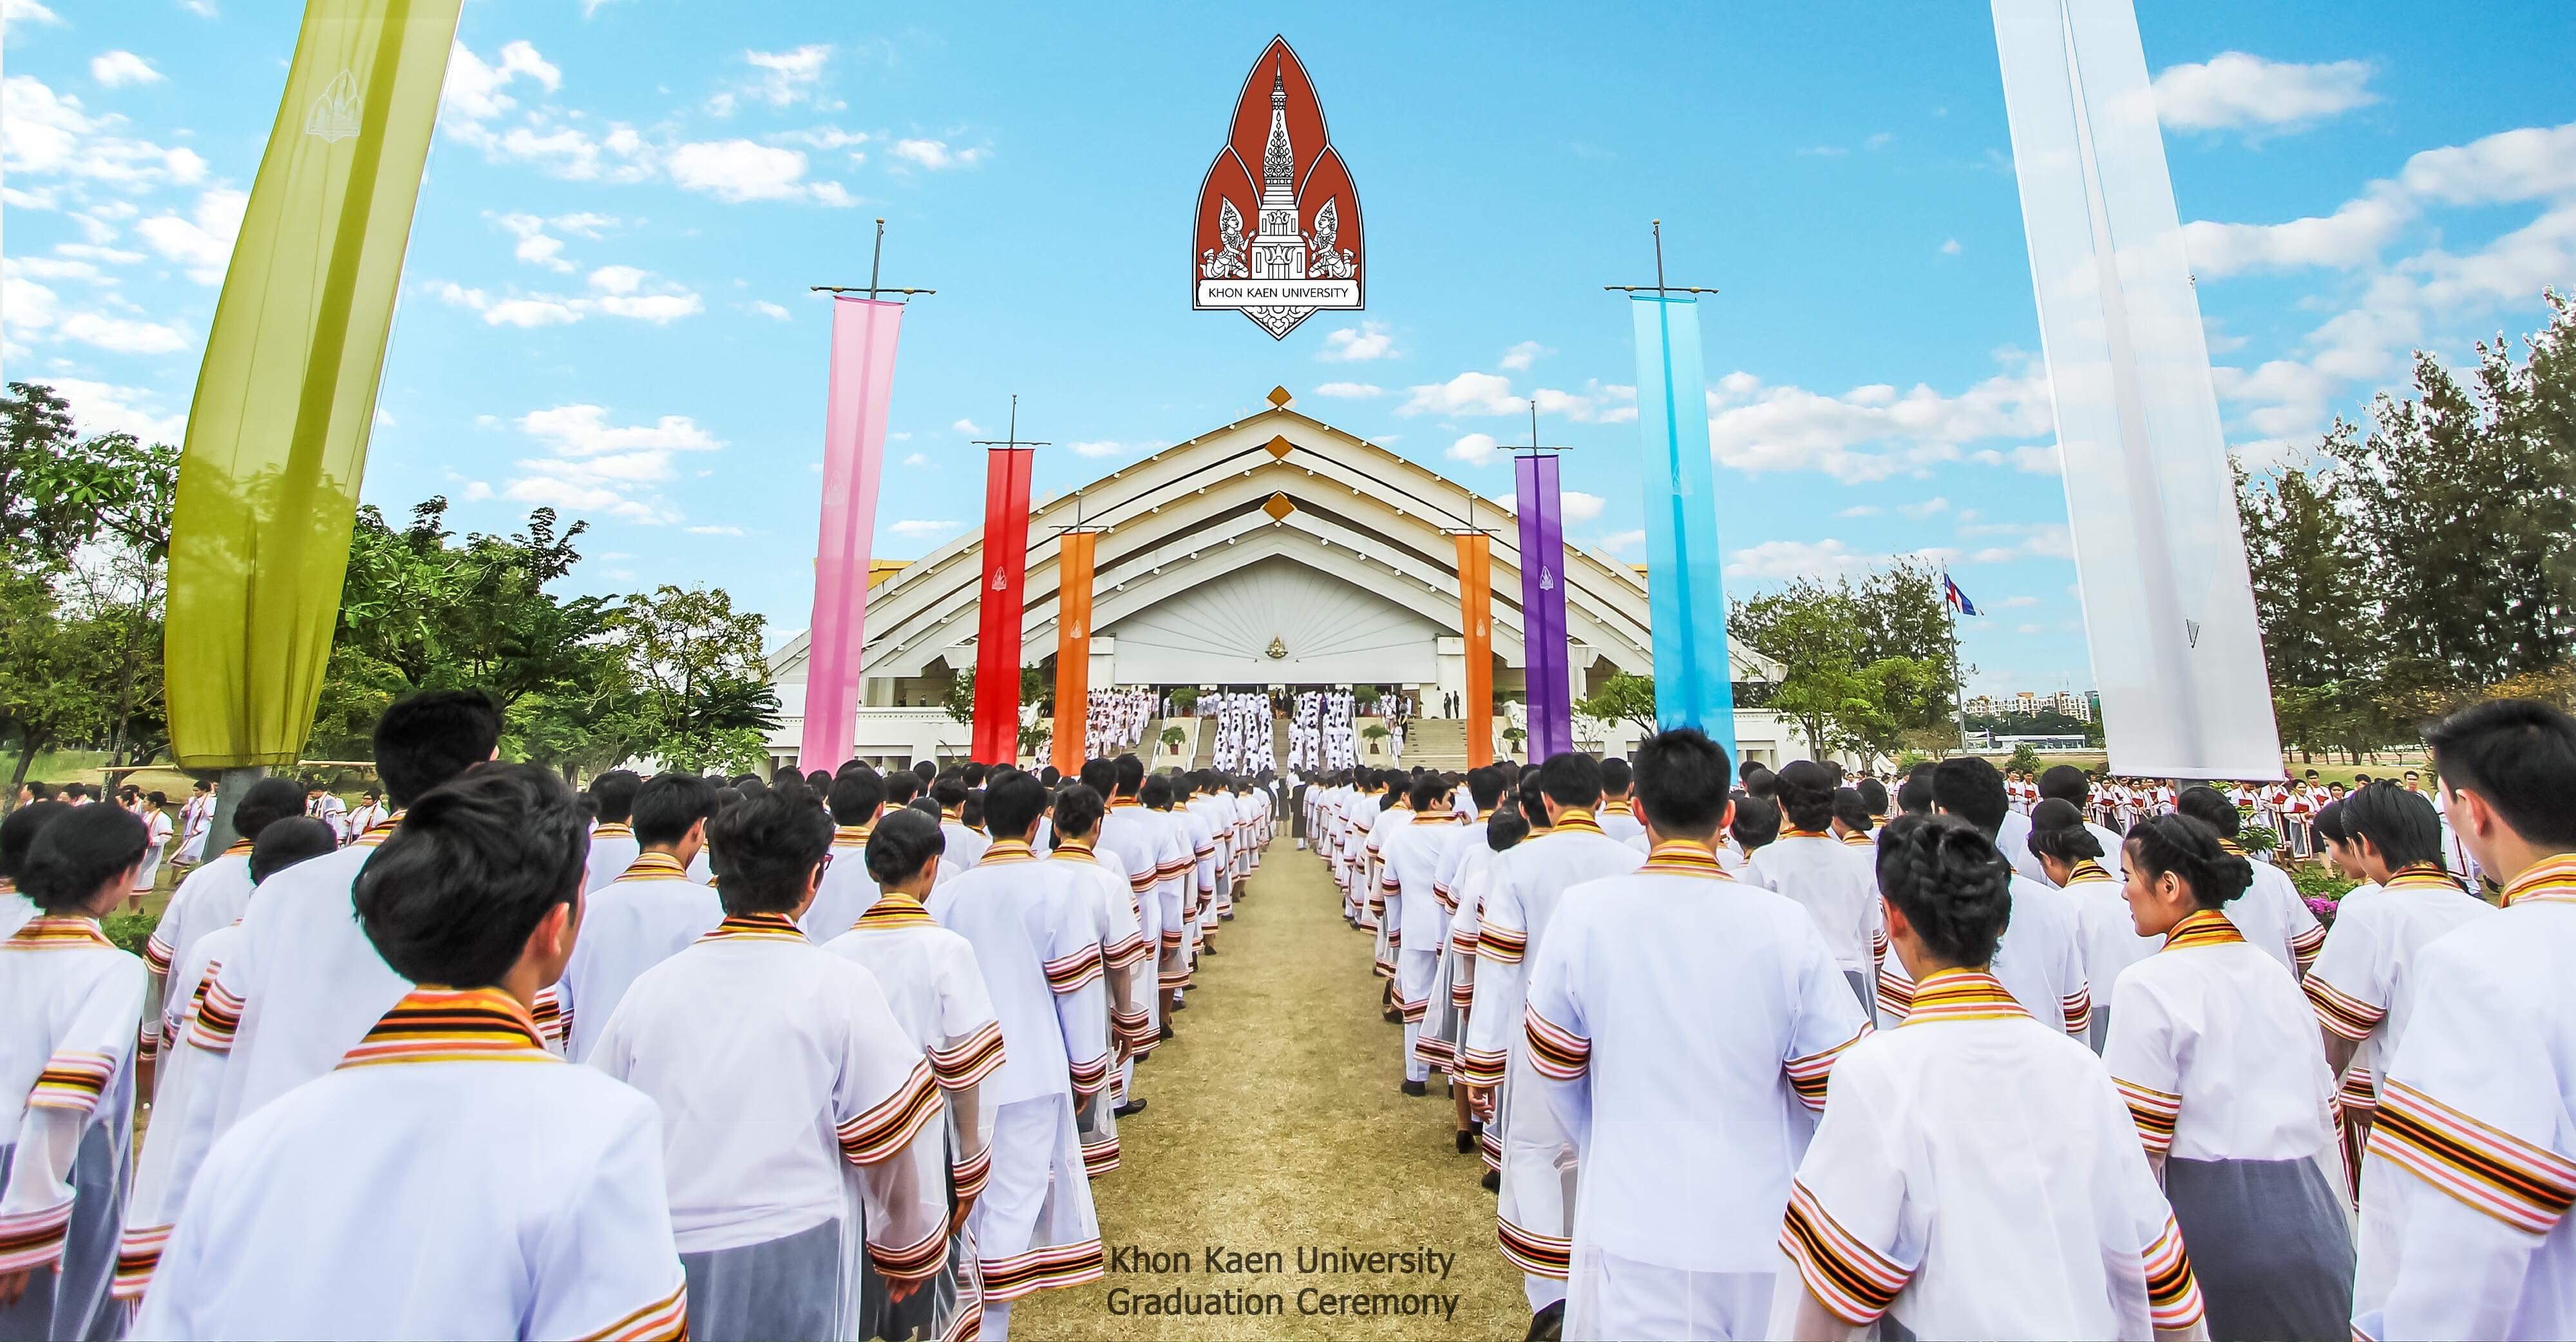 Thông báo về học bổng của Trường Đại học Khon Kaen, Thái Lan